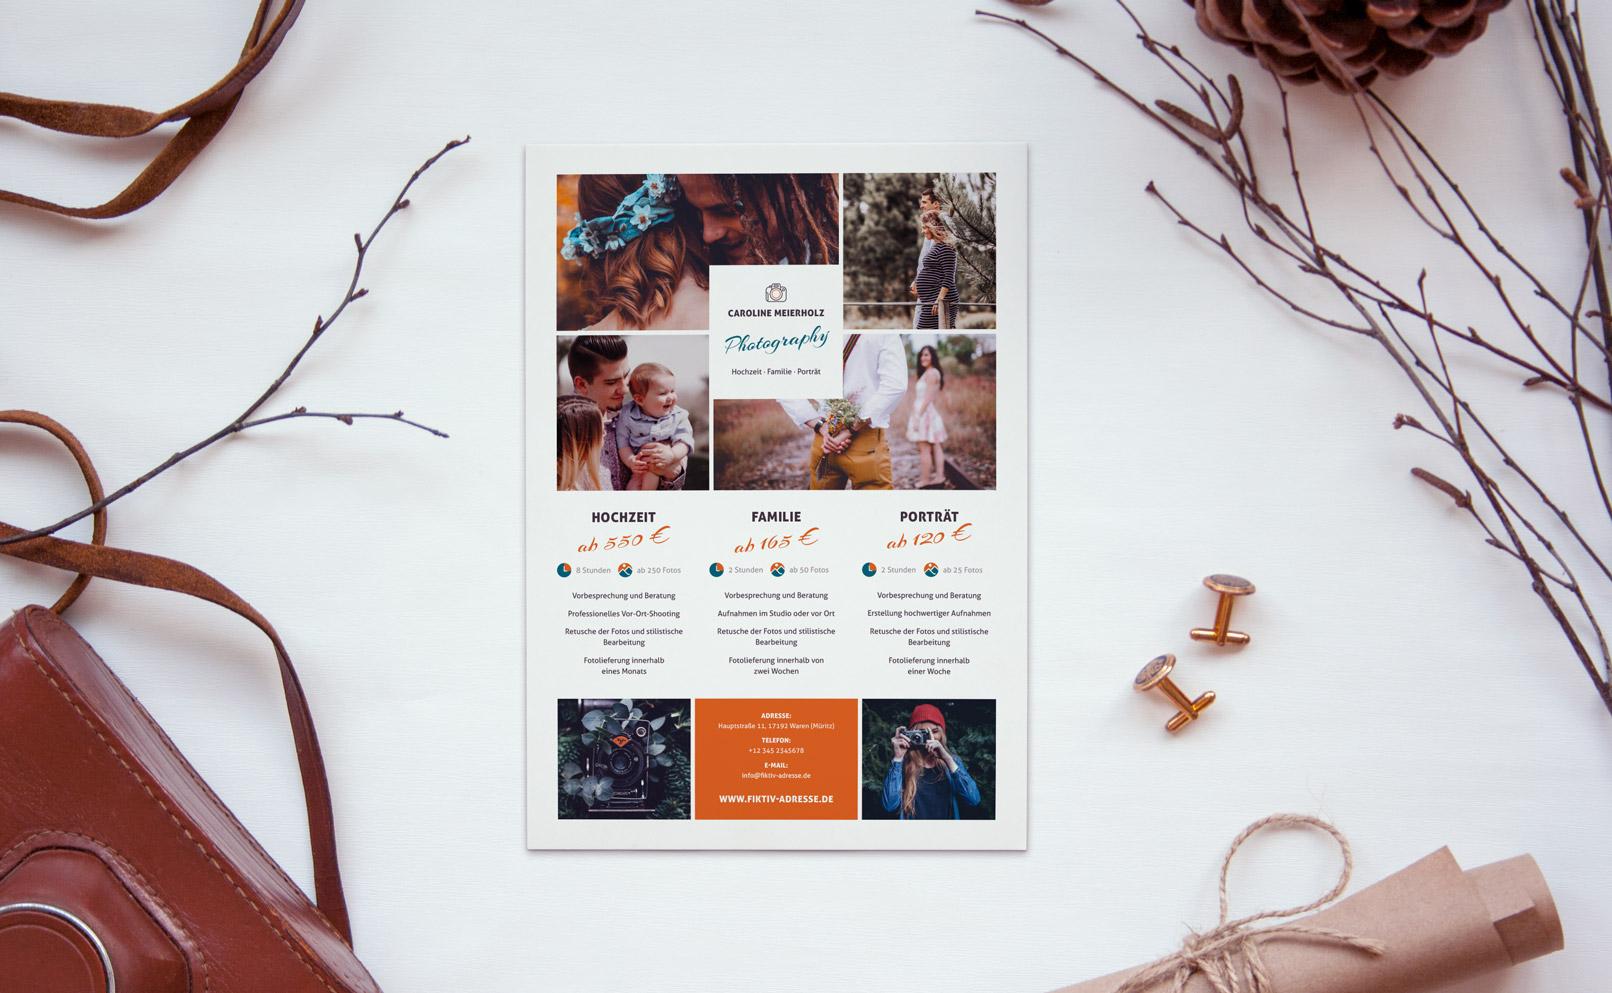 Preislisten-Vorlage für Fotografen (Fachfotografie) zur Bearbeitung in Photoshop, InDesign und Word